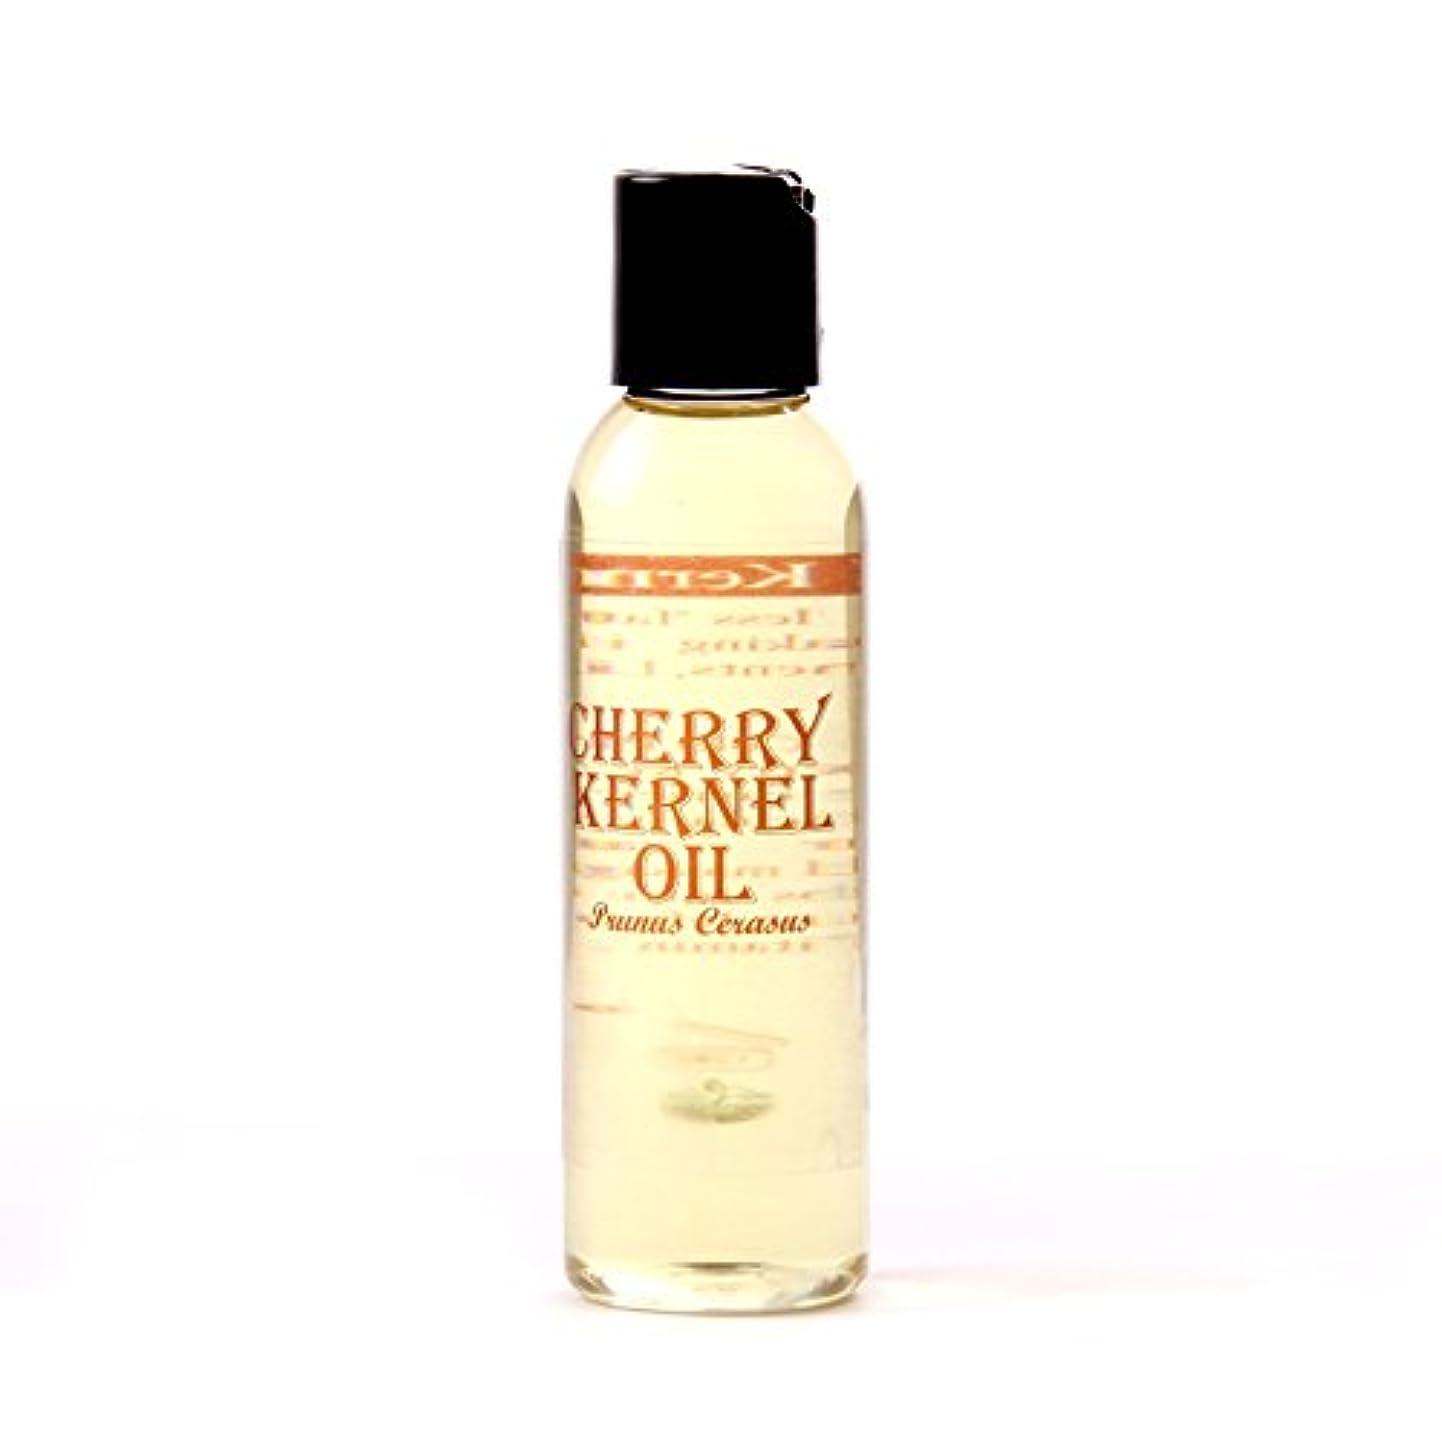 リネンアクチュエータ貯水池Mystic Moments | Cherry Kernel Carrier Oil - 125ml - 100% Pure